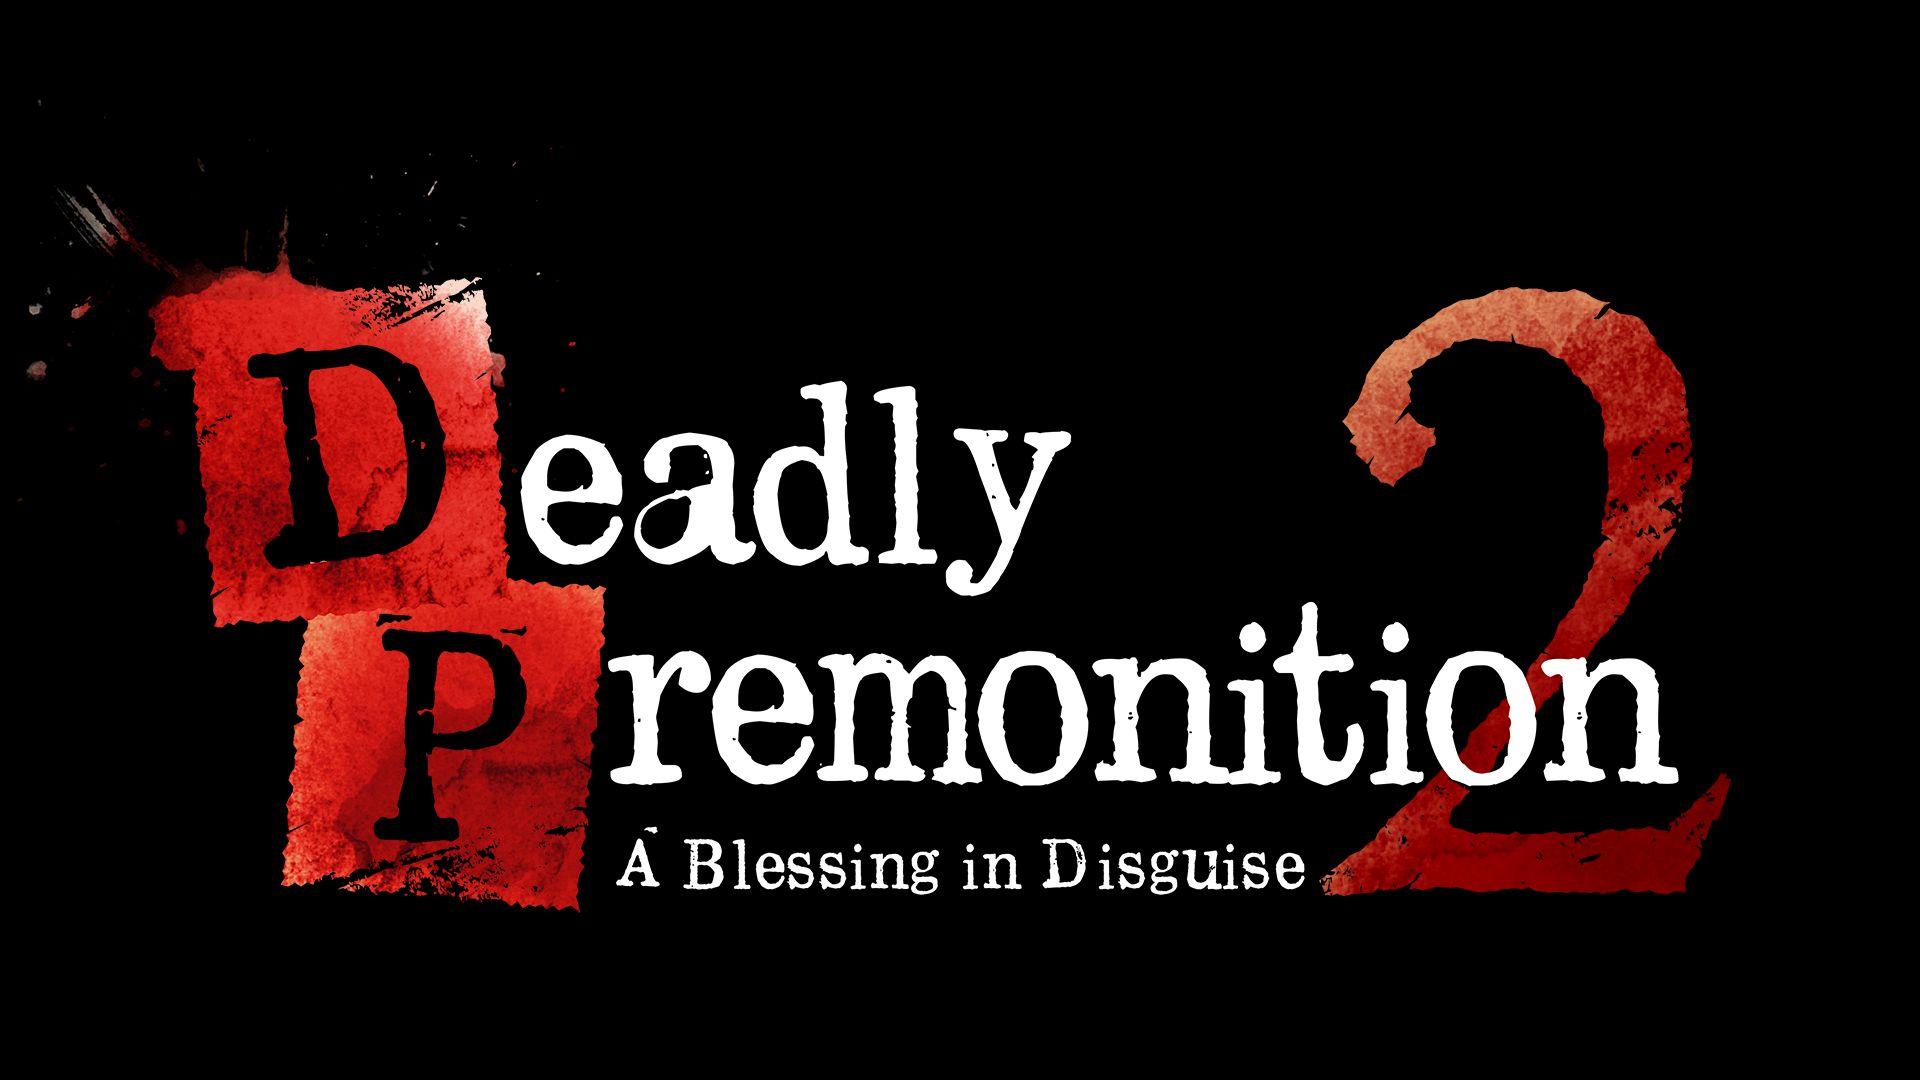 Deadly Premonition 2 stiže u srpnju